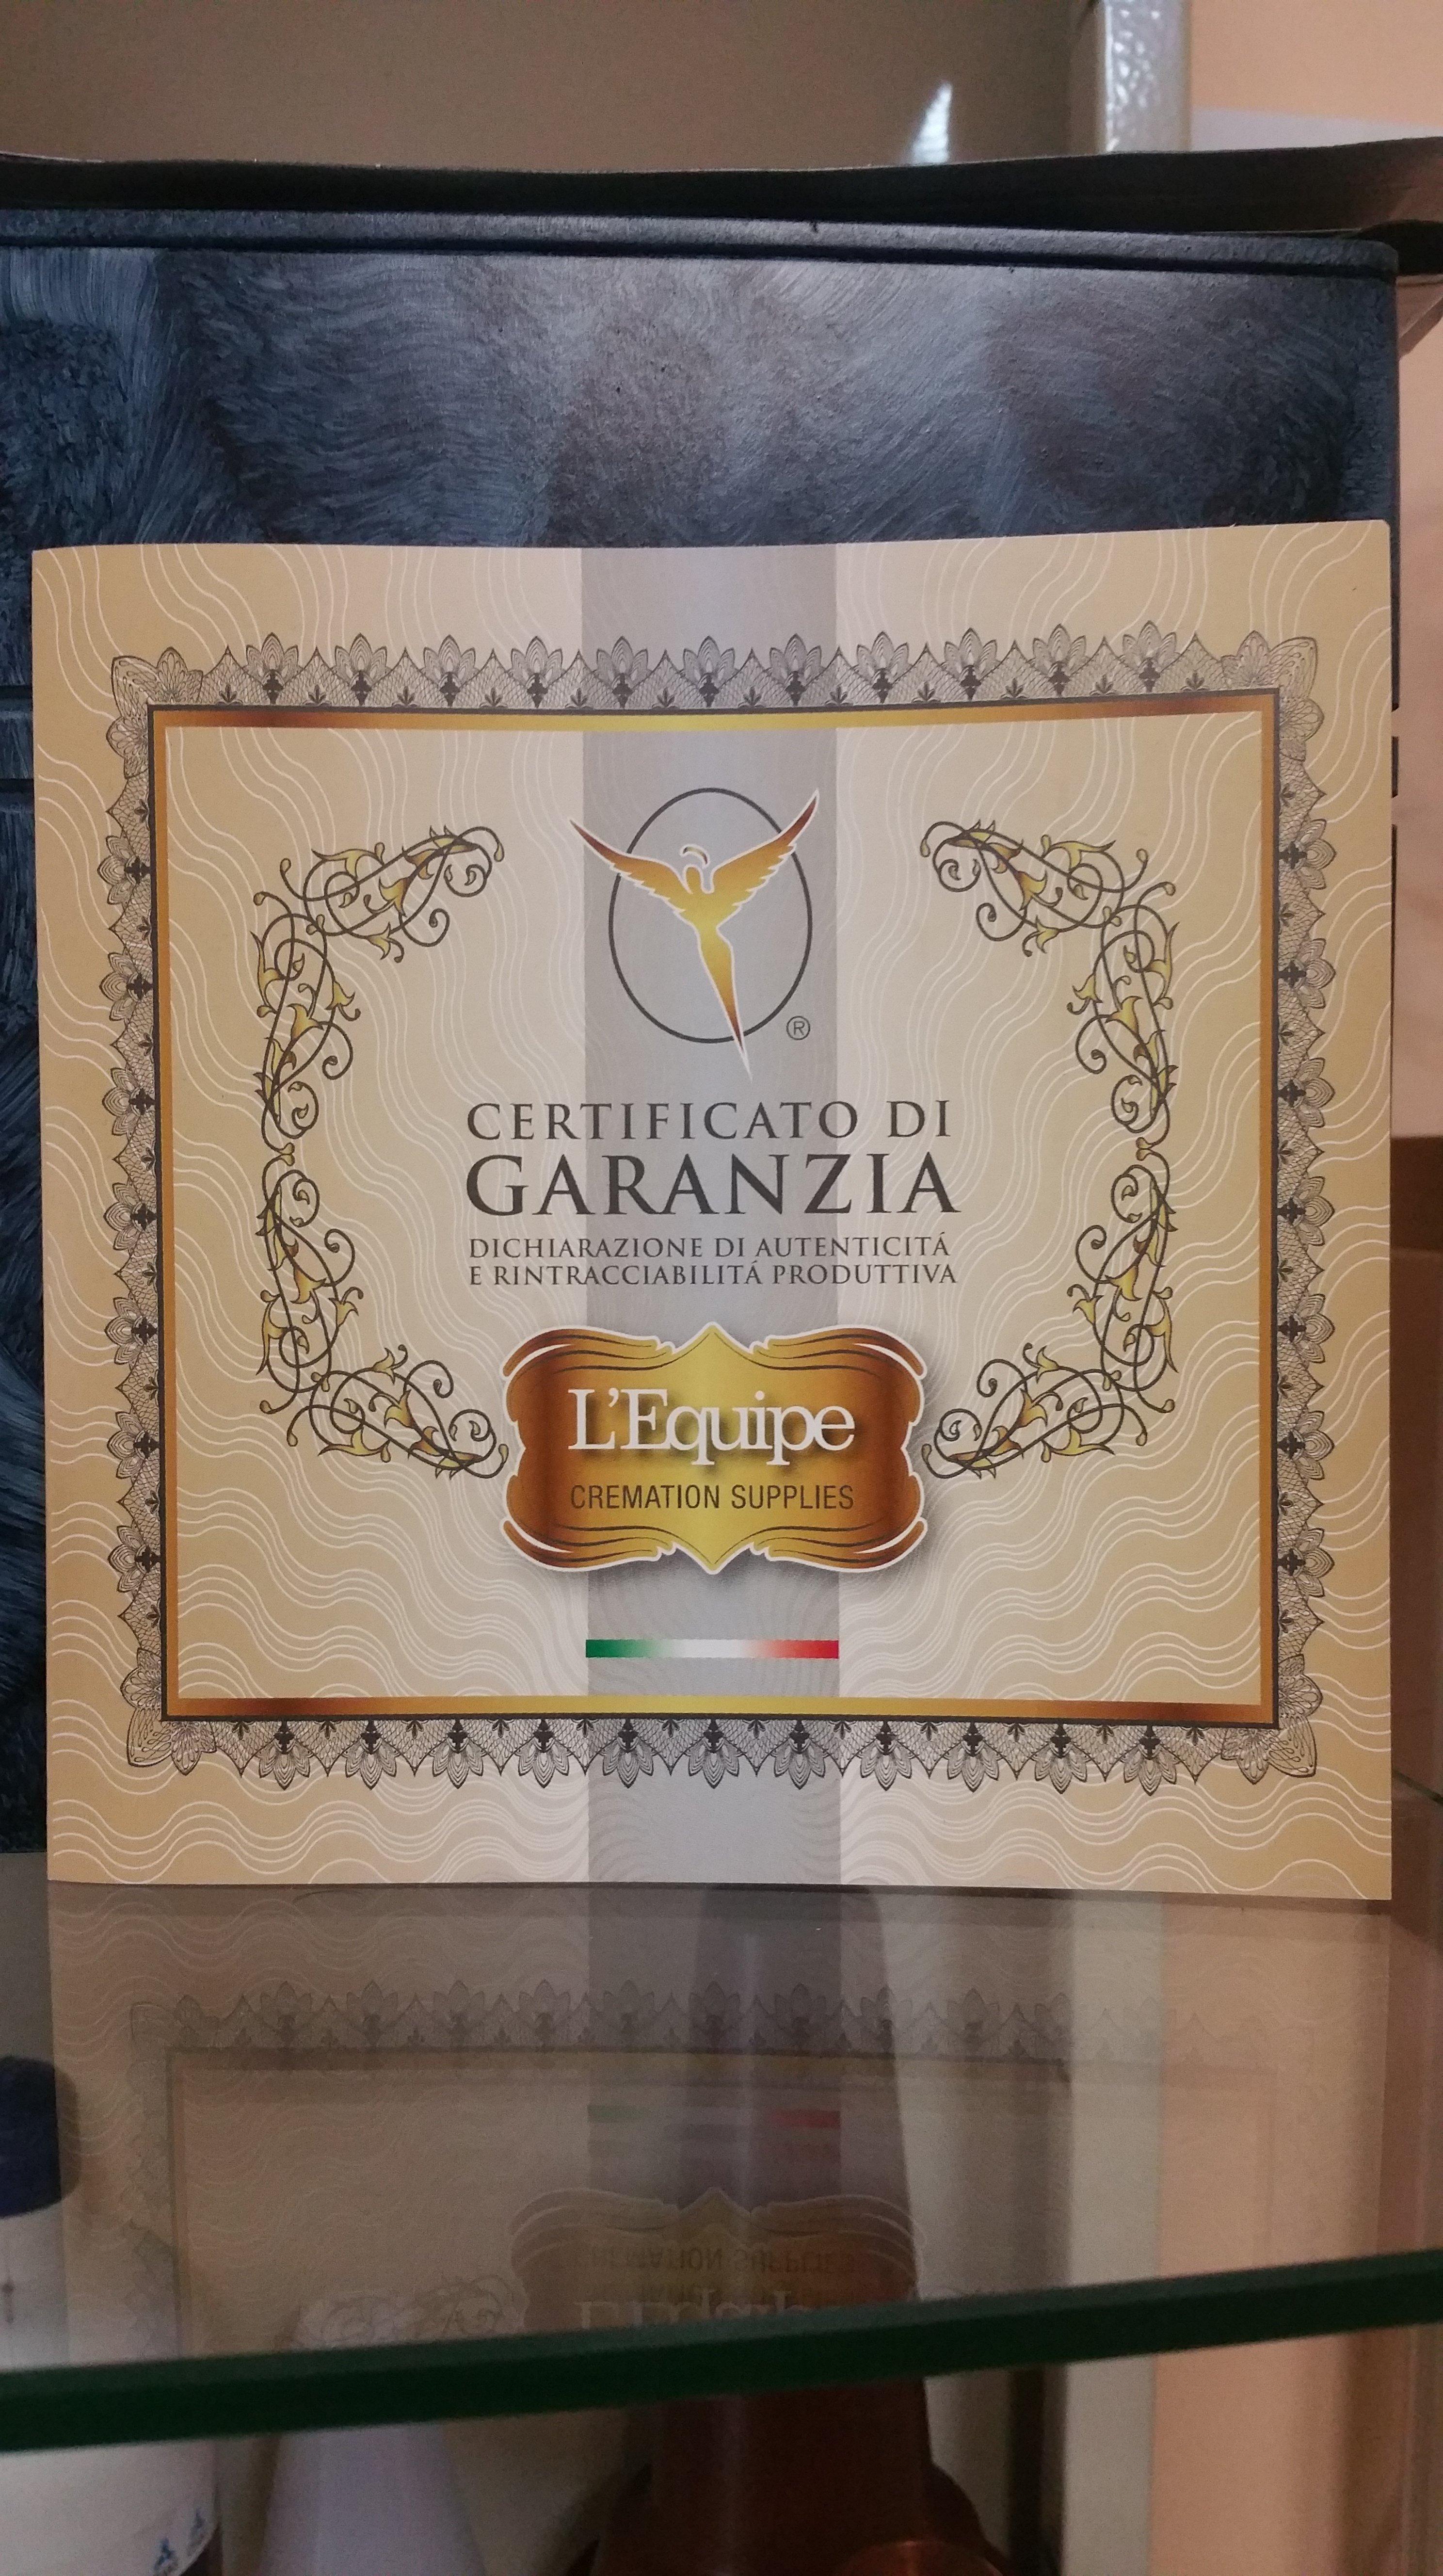 Certificato di garanzia per cremazioni